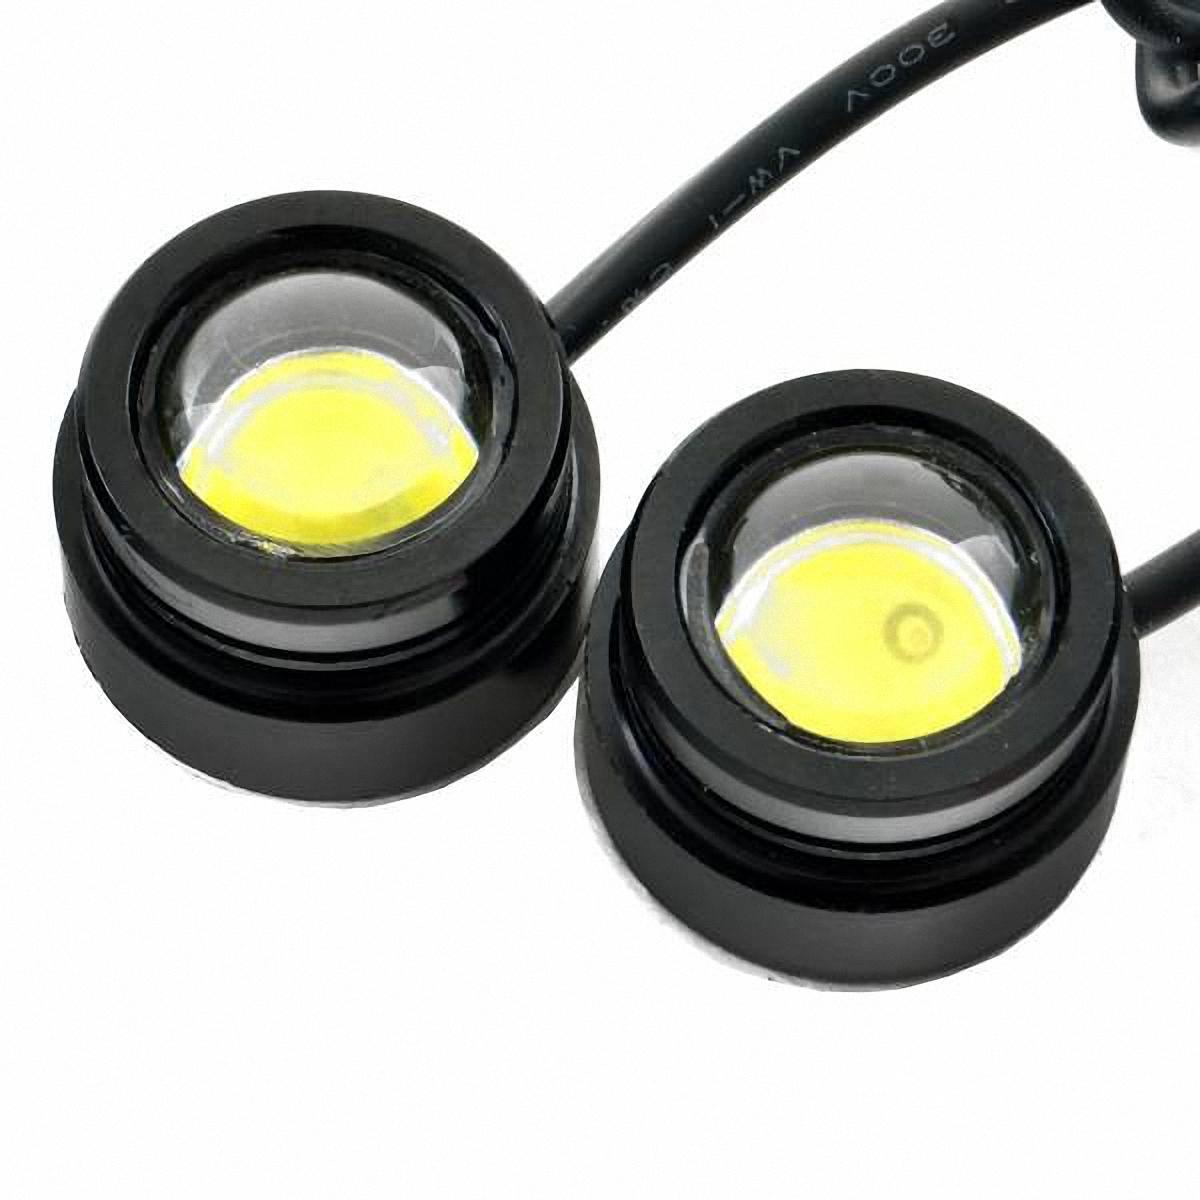 Лампа для комбинирования фонаря дневного ходового огня Skyway 1 сверхмощный диод. SHDX-D013SHDX-D013Лампа для комбинирования фонаря дневного ходового огня Skyway с одним сверхмощным диодом 1.5 W - светодиодный модуль нового поколения, обладает универсальным дизайном, улучшают внешний вид автомобиля и повышают безопасность вождения в дневное время суток. Особенности:- Широкий угол рассеивания.- Долгий срок службы.- Повышенная яркость.- Низкое потребление электроэнергии.- Высокая устойчивость к вибрации.